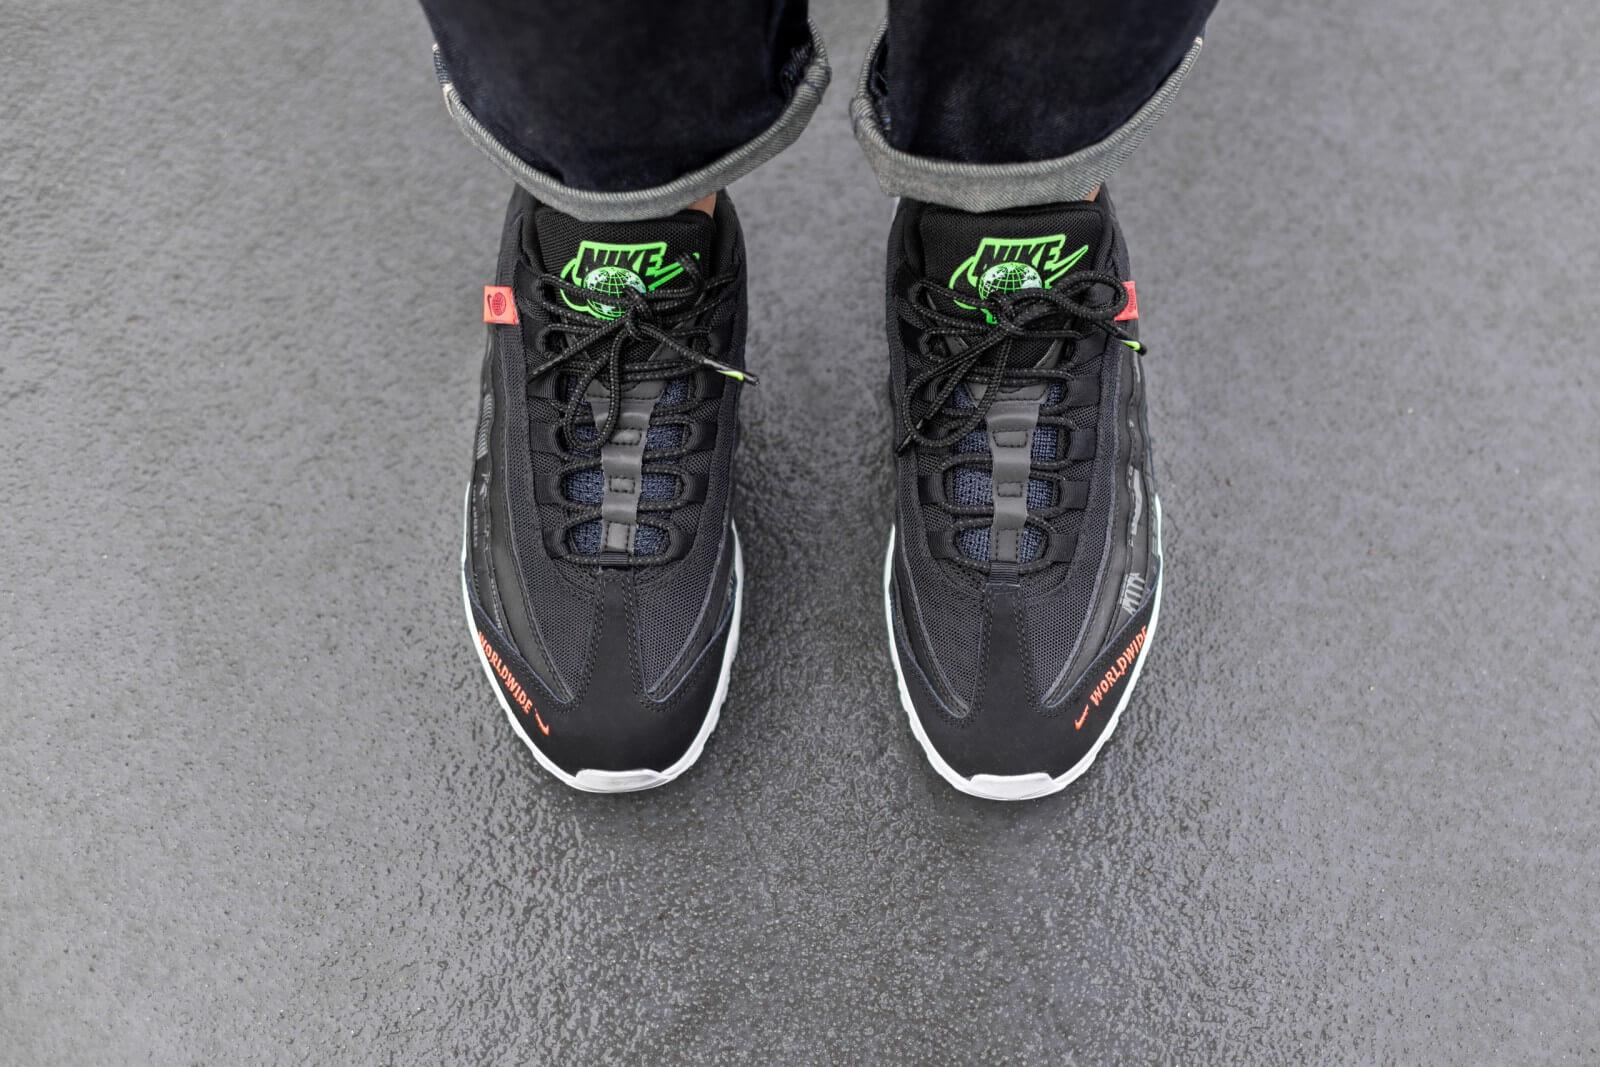 Nike Air Max 95 Worldwide Pack Black